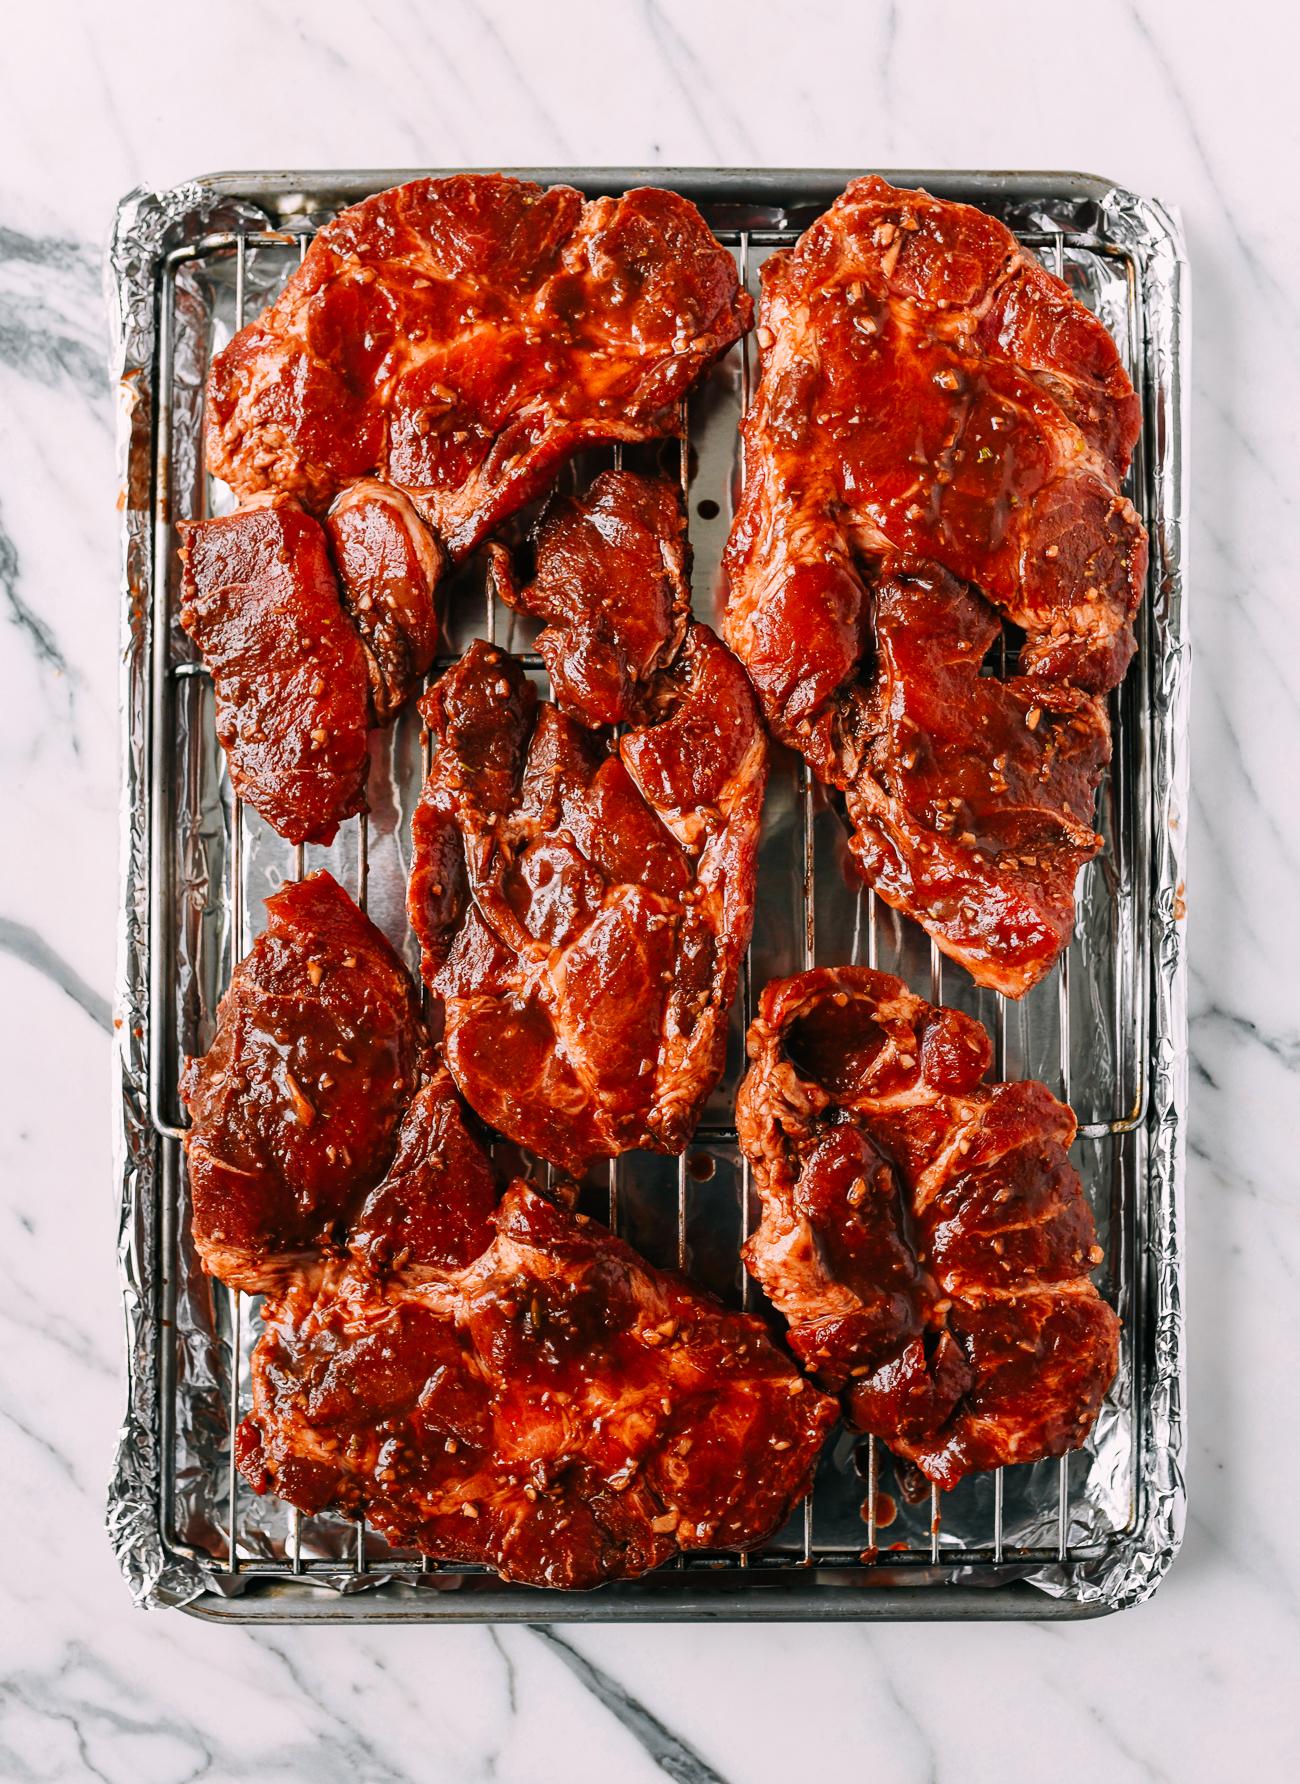 Pork pieces on roasting pan